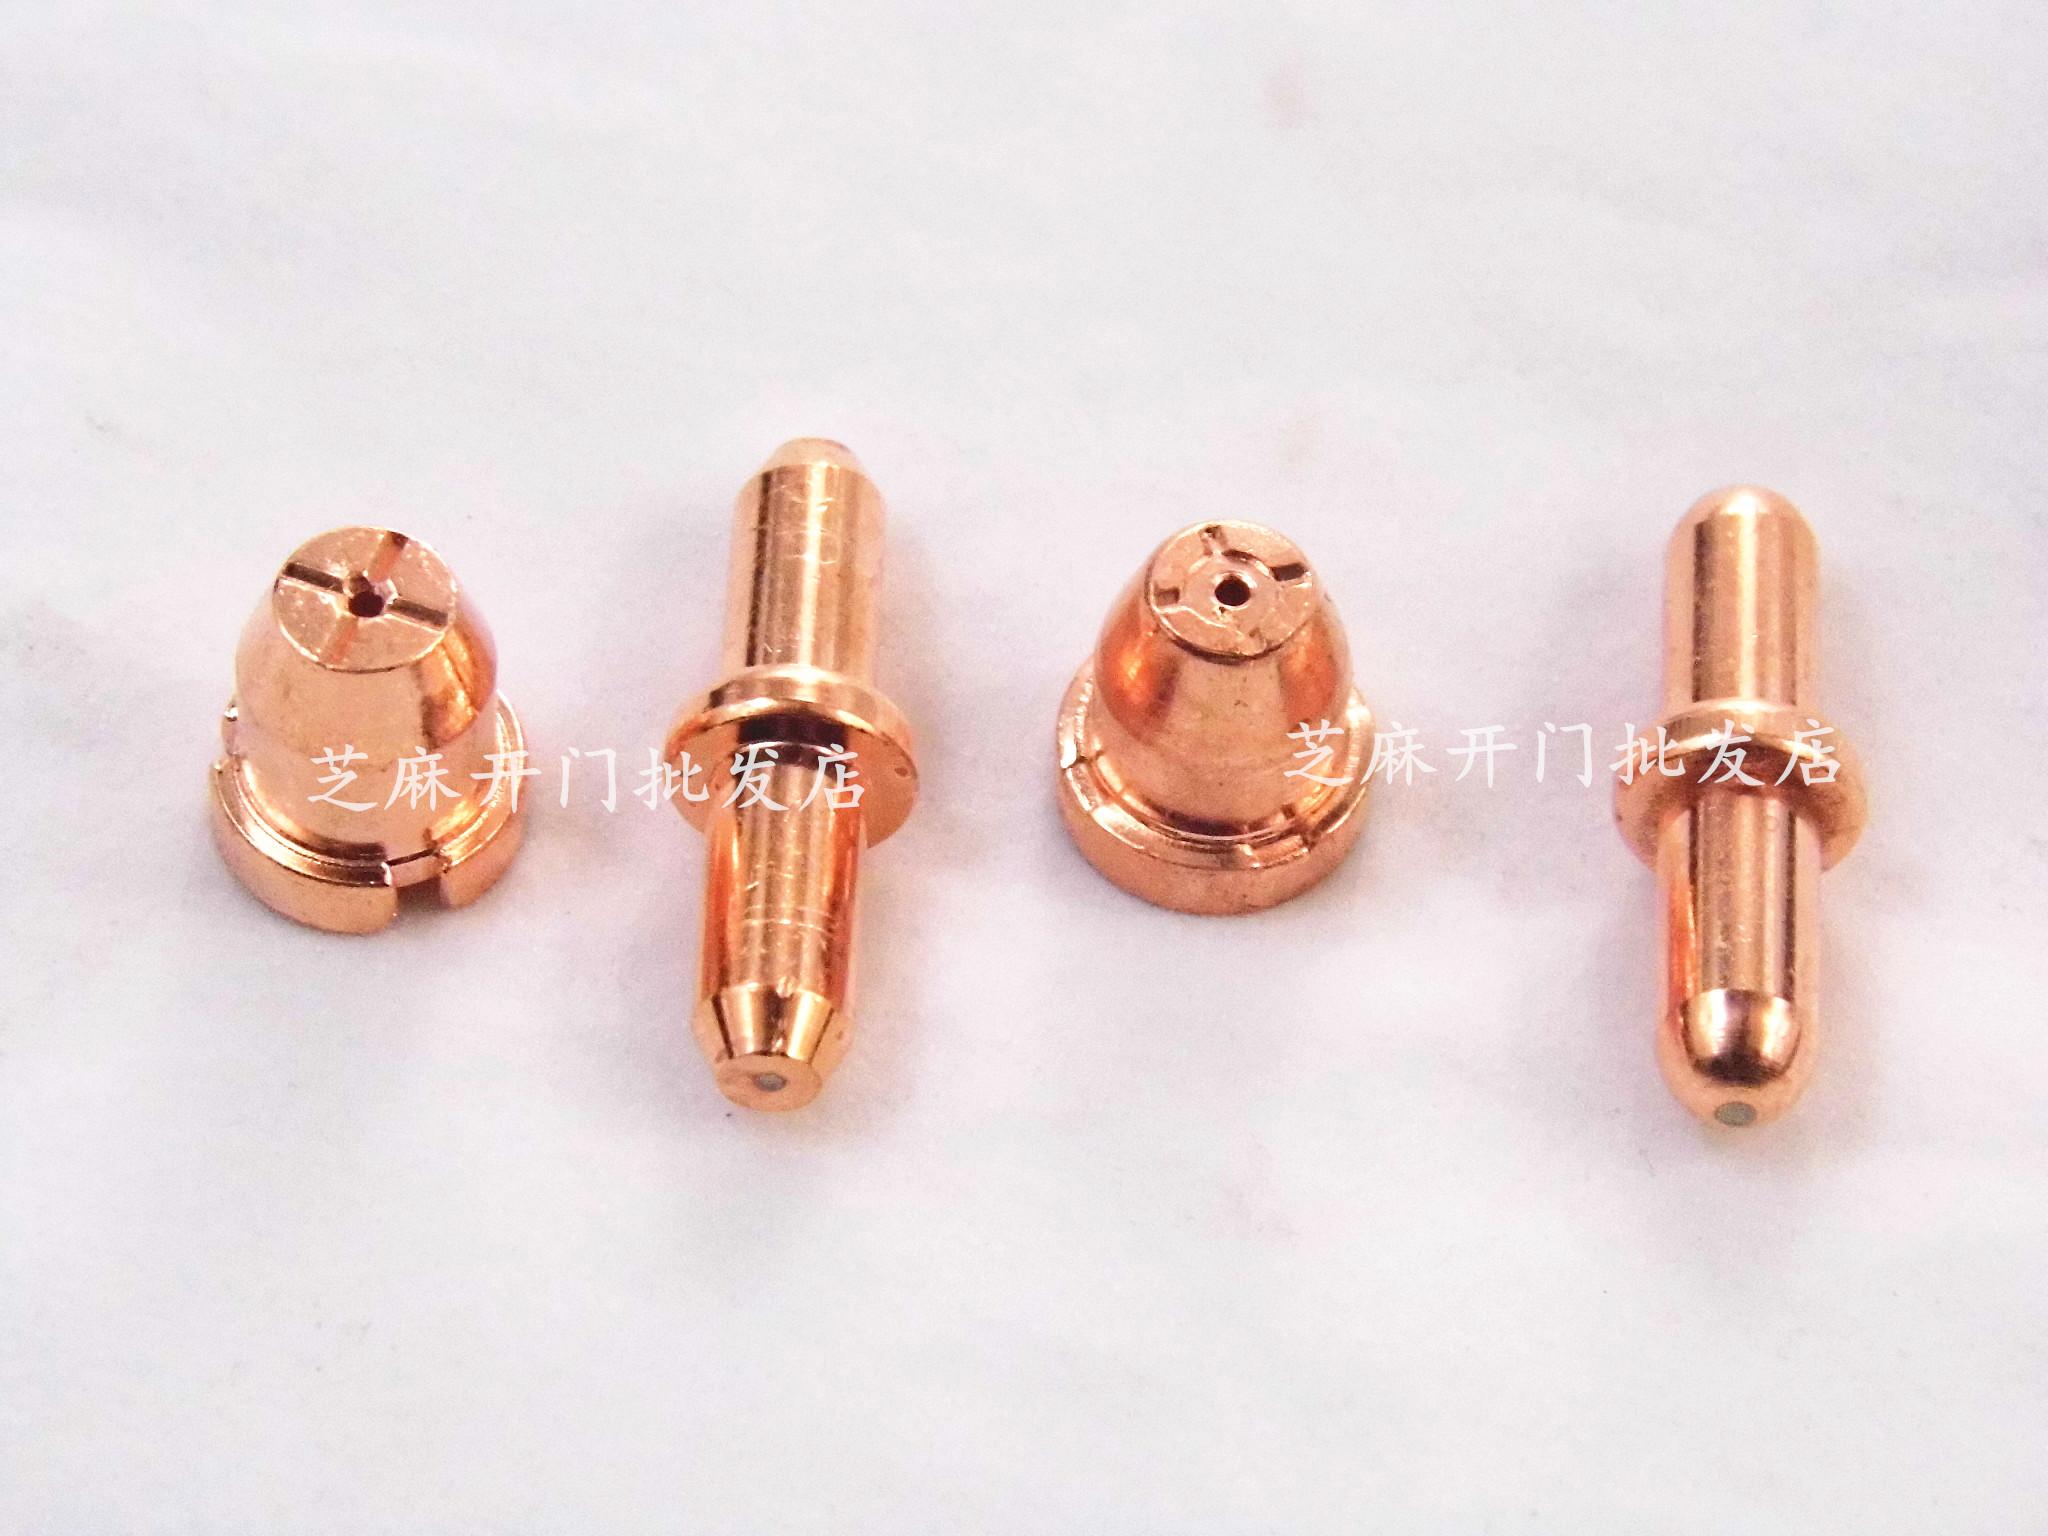 Одинаковый процветающий 80A электрод косить рот LGK-63 подожди ион резак вэньчжоу 63 сопло медь рот импорт гафний провод